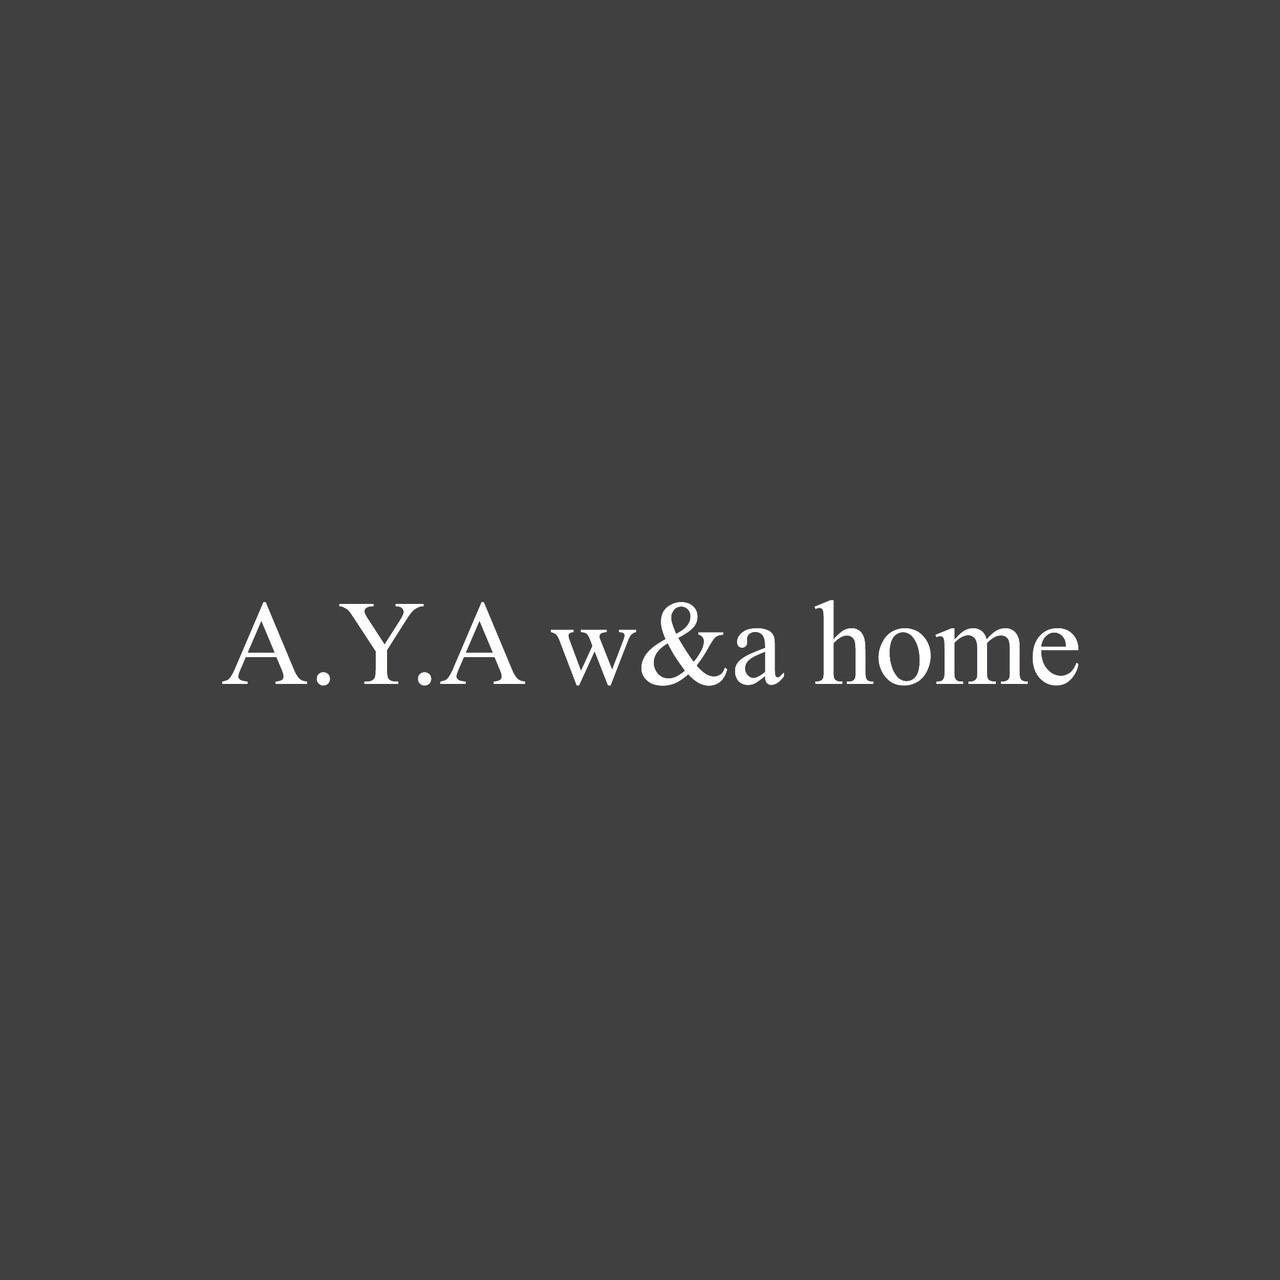 A.Y.A w&a home